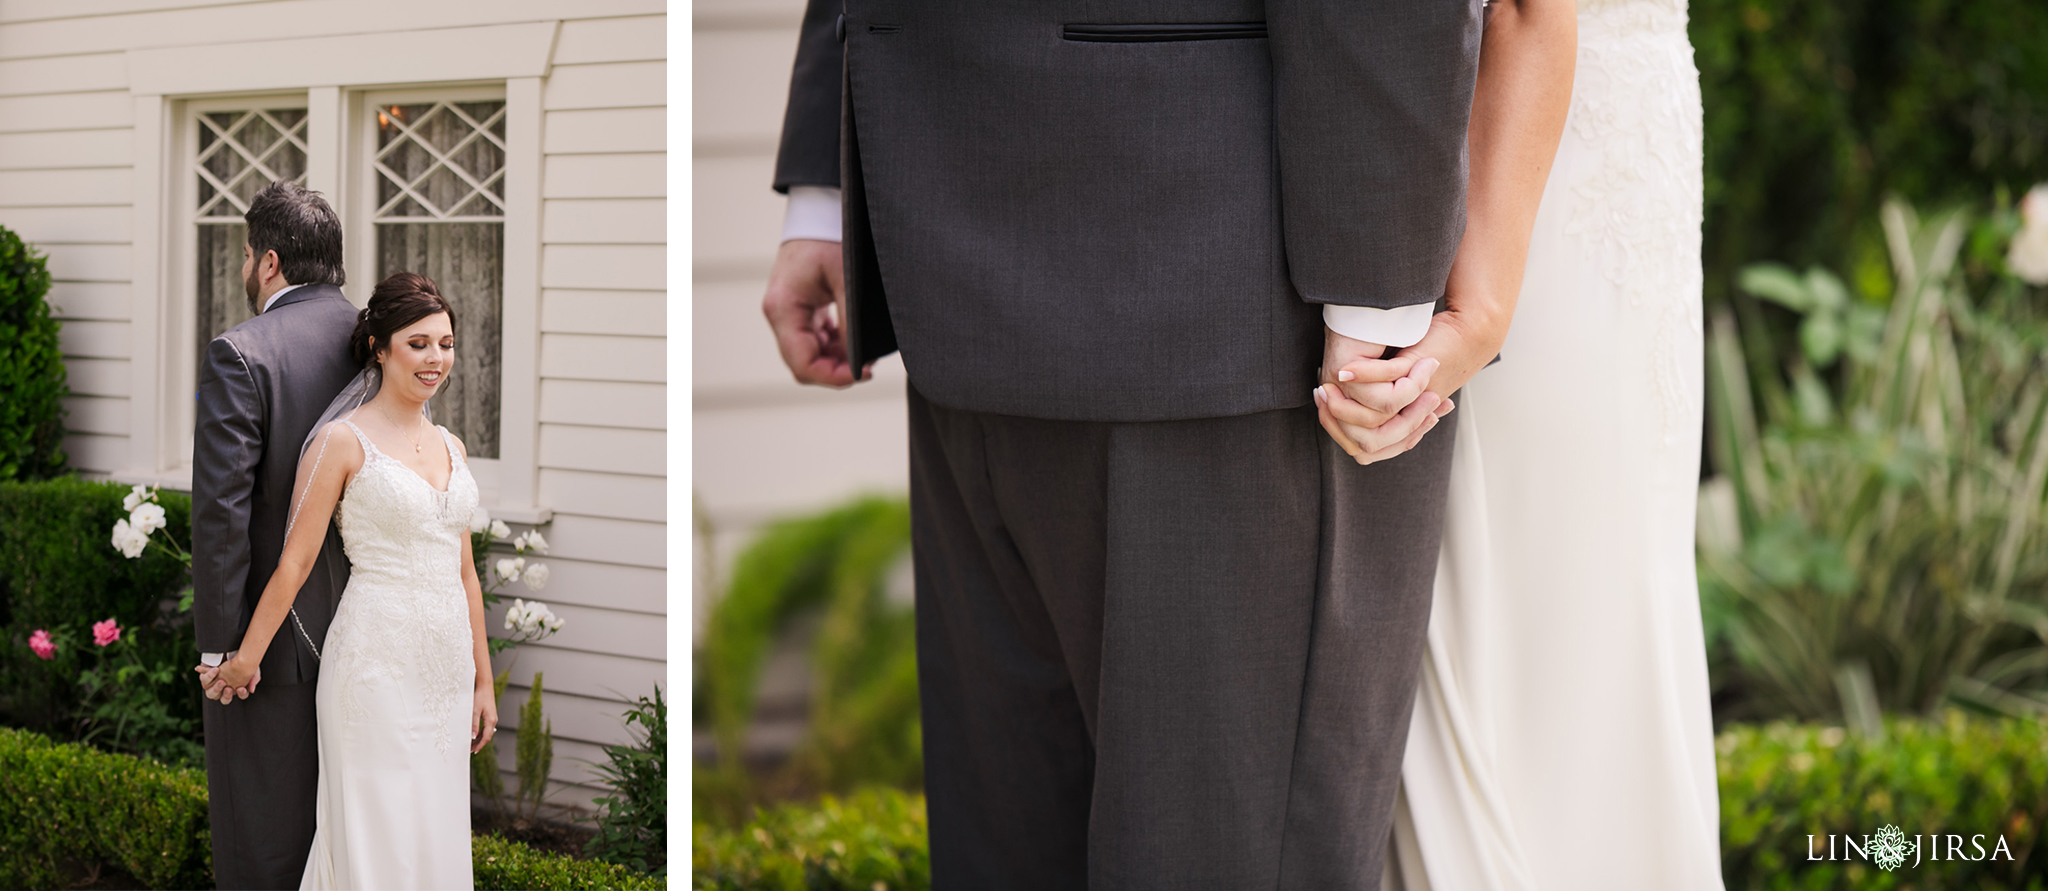 10 Richard Nixon Library Wedding Photographer